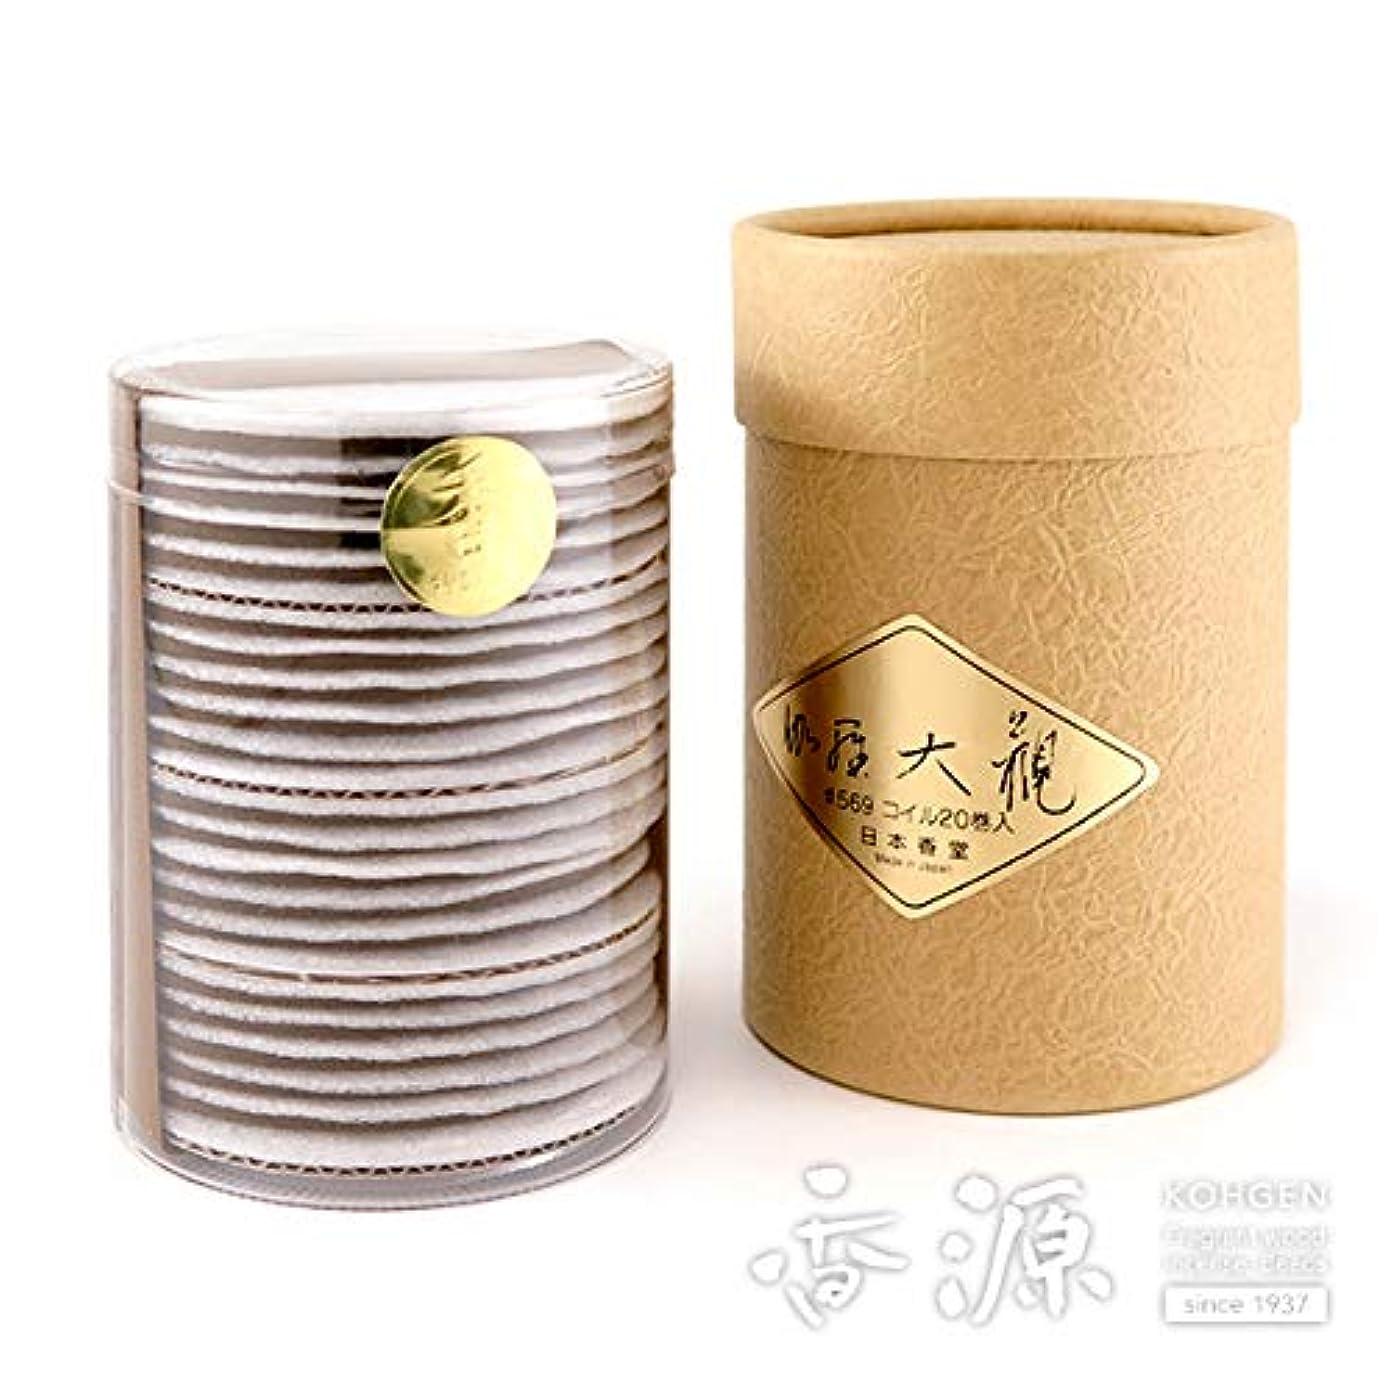 感謝している硫黄細胞日本香堂のお香 伽羅大観 徳用渦巻20枚入 【送料無料】